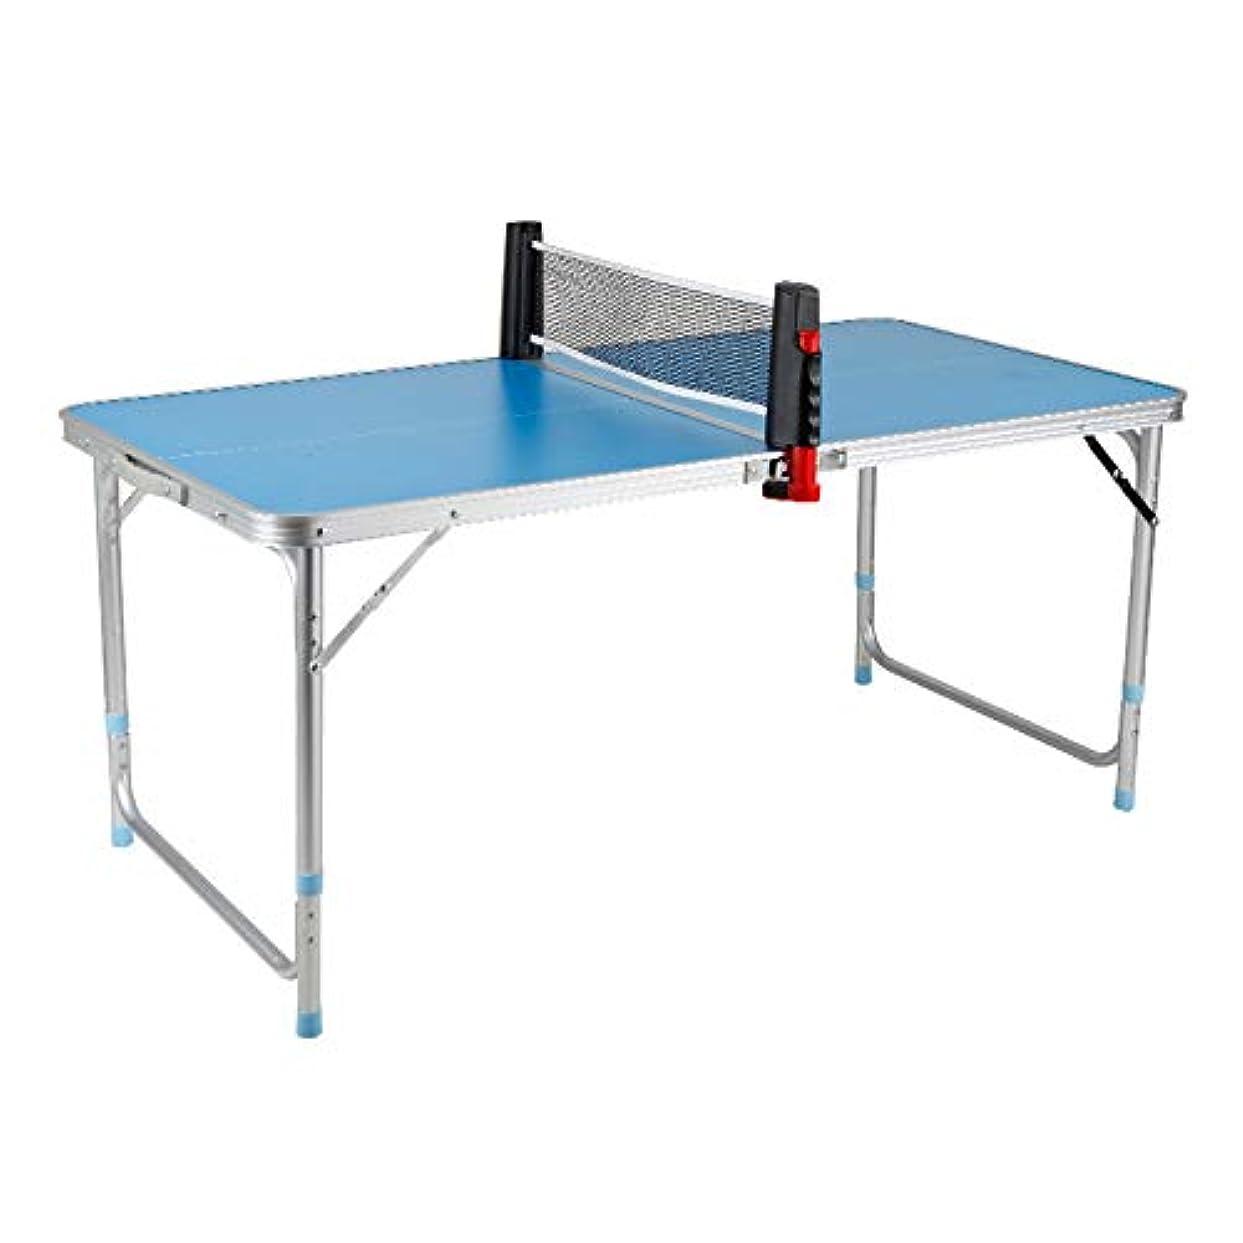 勇者日付スペインIdeaActivity みんなでピンポン すぐに遊べる 折りたたみ 卓球台 ファミリー 卓球台セット テーブルピンポンセット (卓球台×1/ロールネット×1/ラケット×2個)